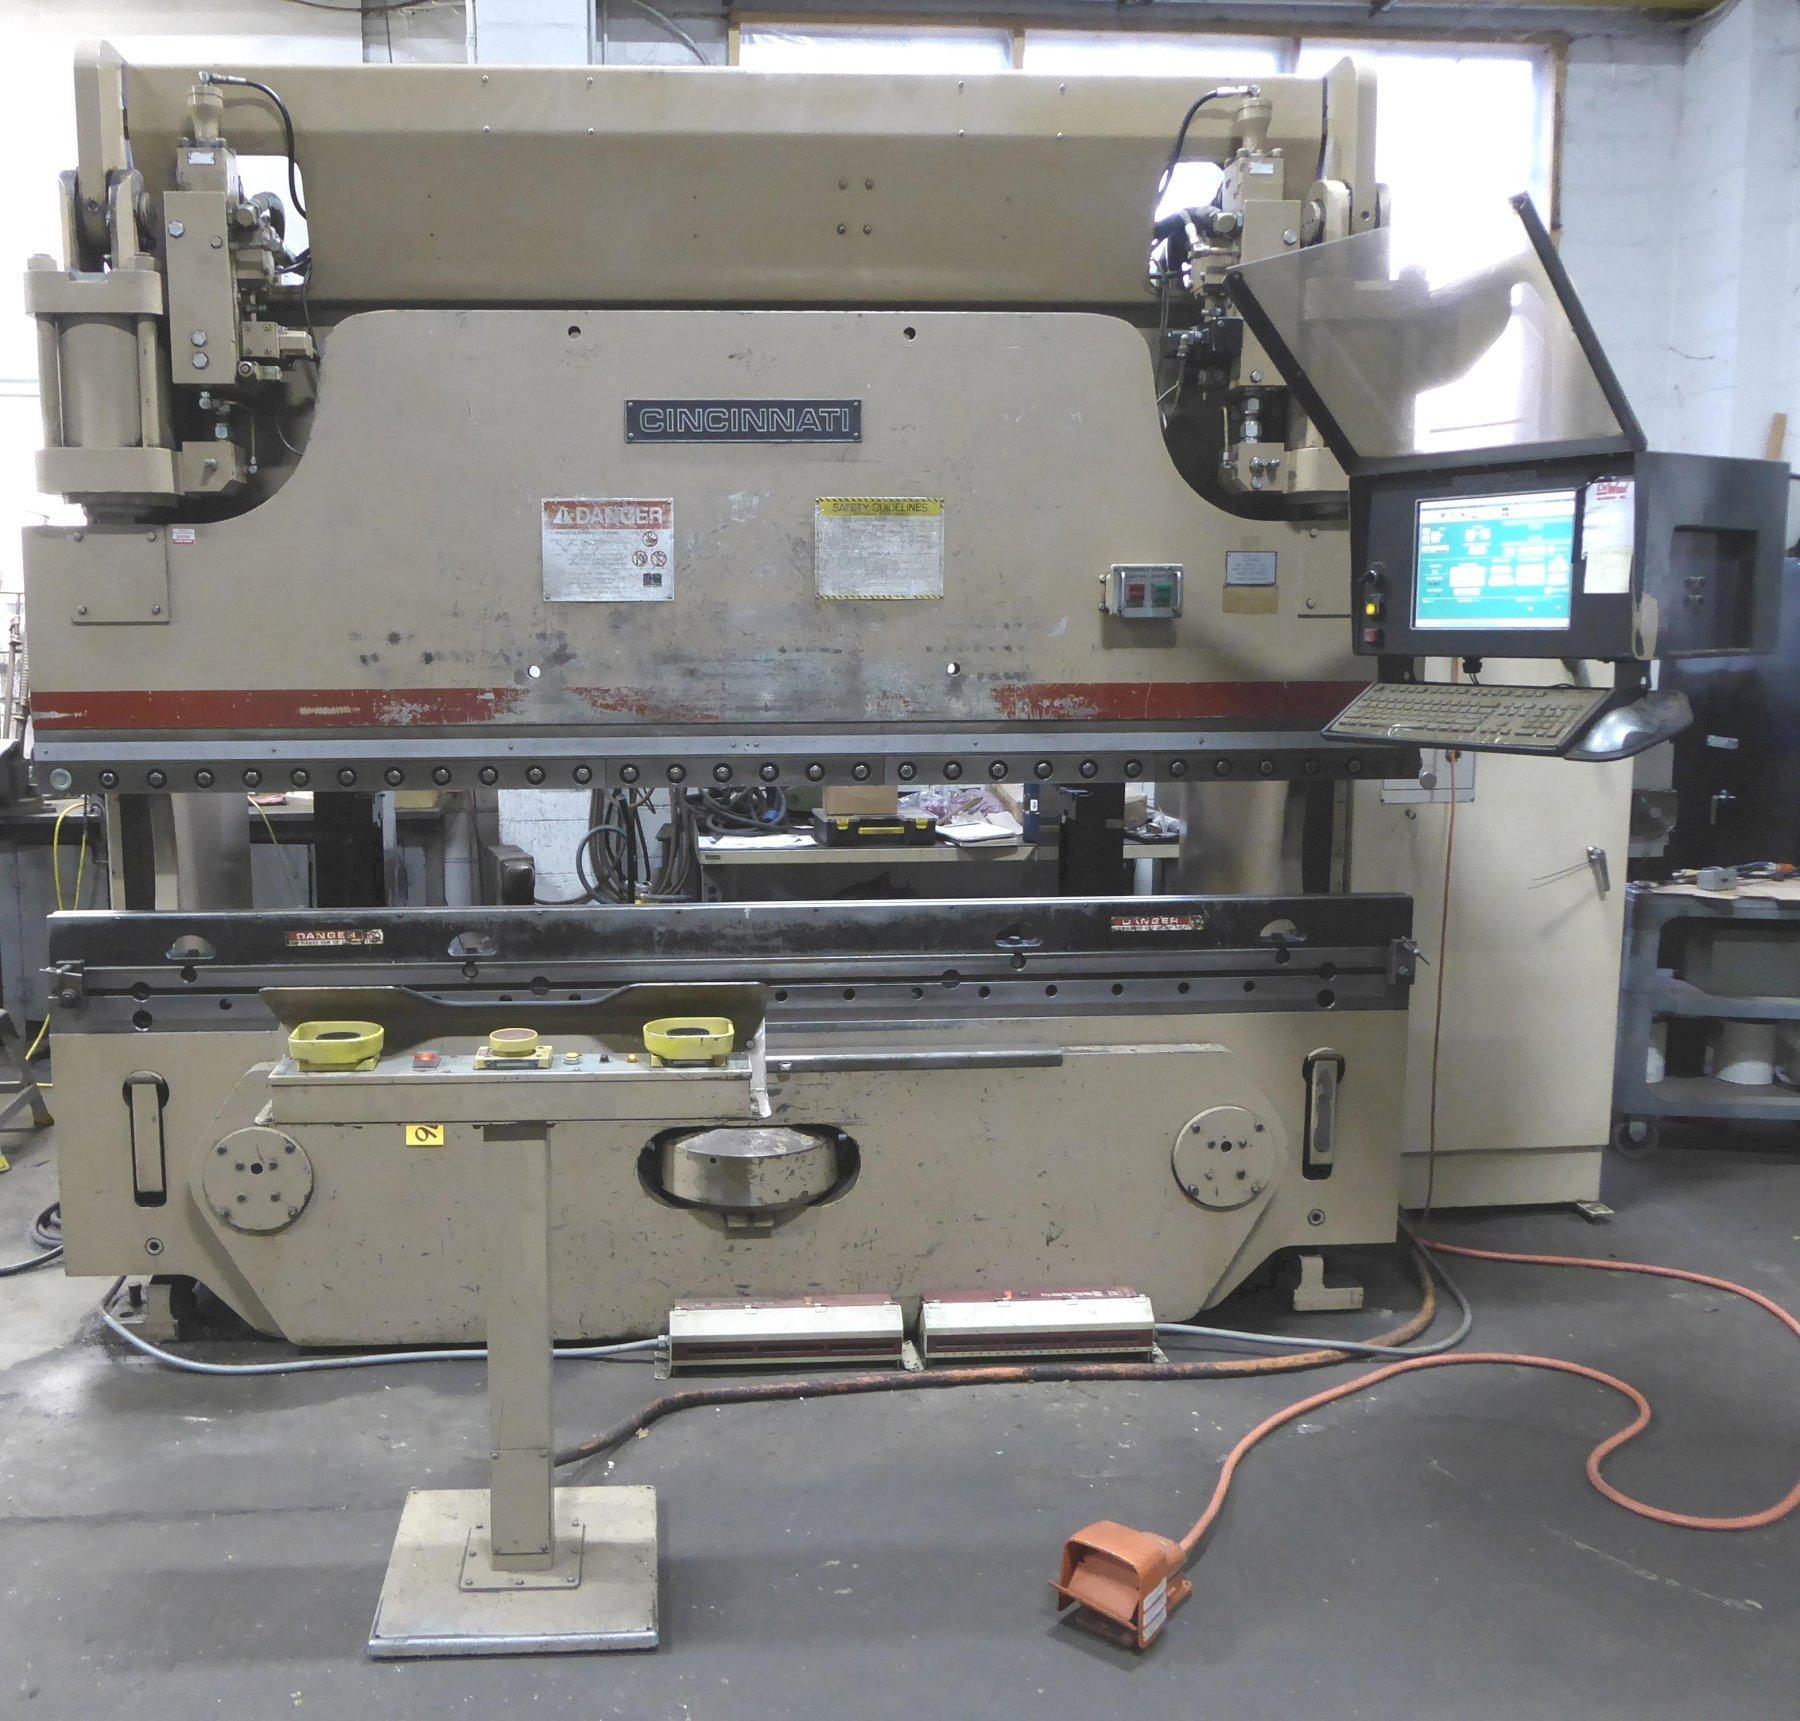 135 Ton Cincinnati CNC Press Brake 135 AF X 8 FT., 10′ O/A, 8'6″ BH, 8″ Stroke Crowning, 6-Axis B.G., 1991, Updated Control 2010